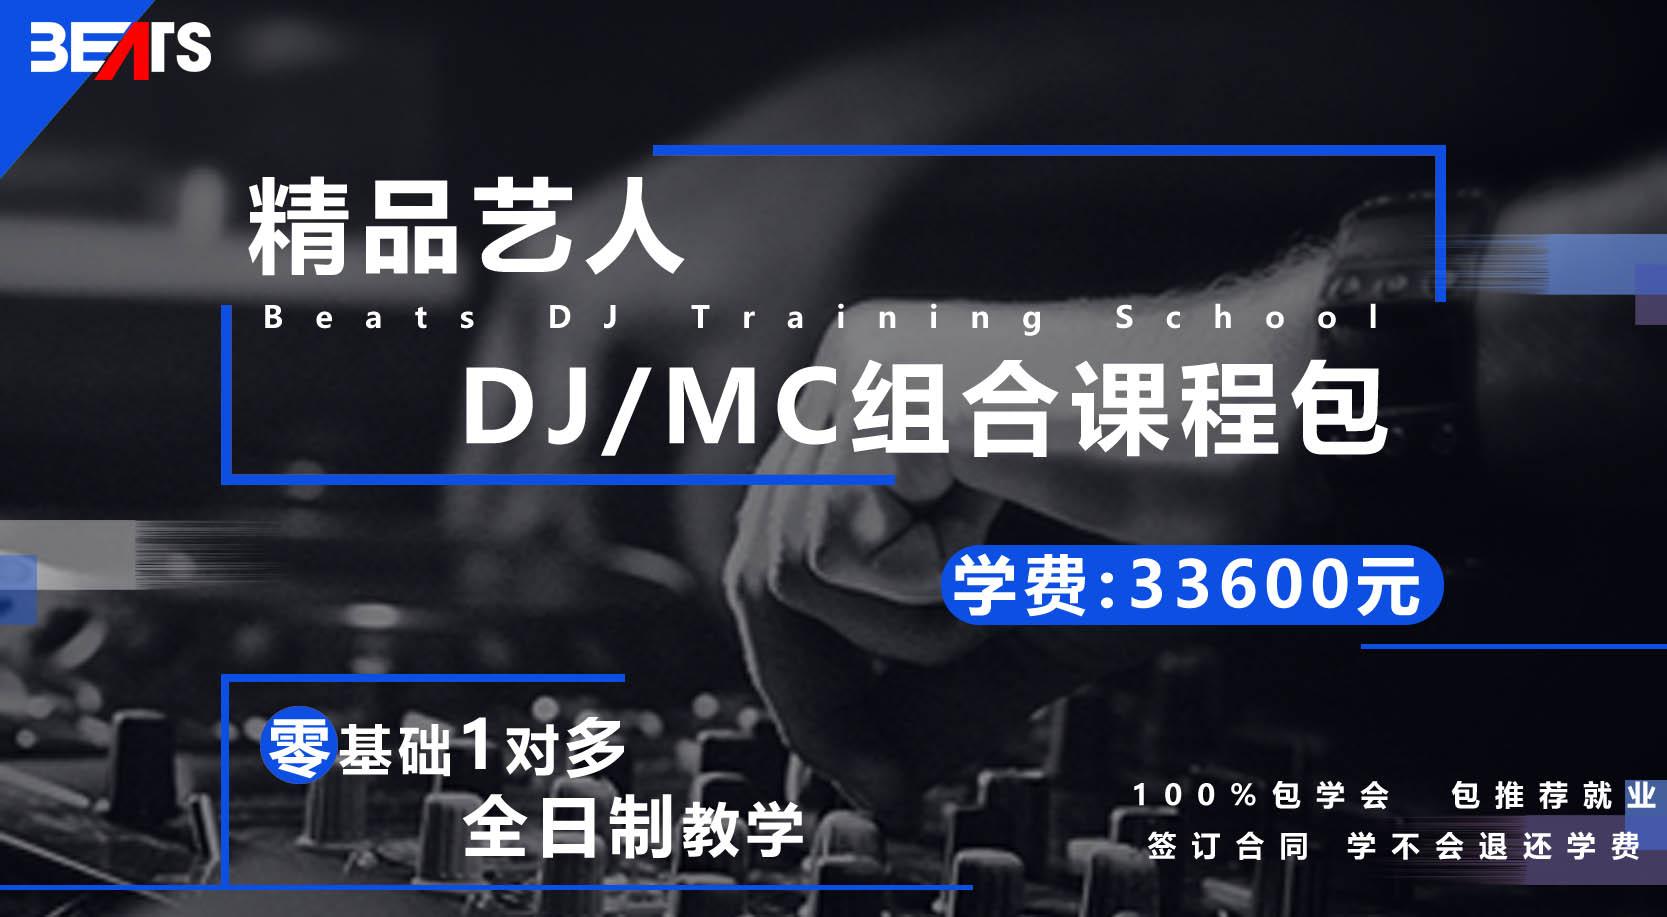 BEATS DJ厂牌DJ制作人进阶课程包